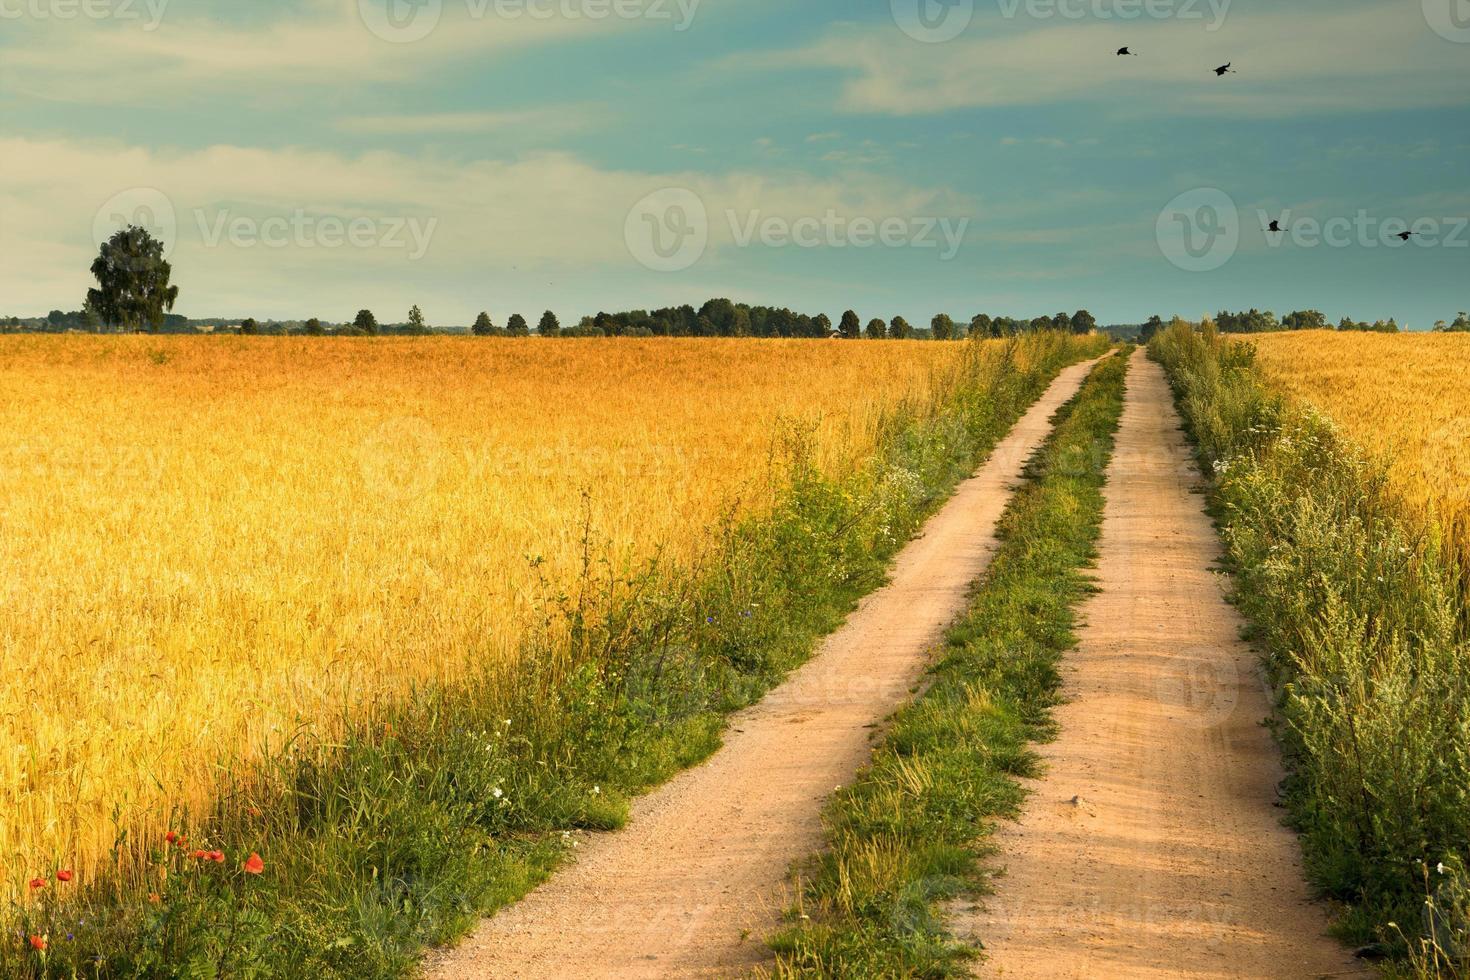 estrada rural entre campos de trigo foto